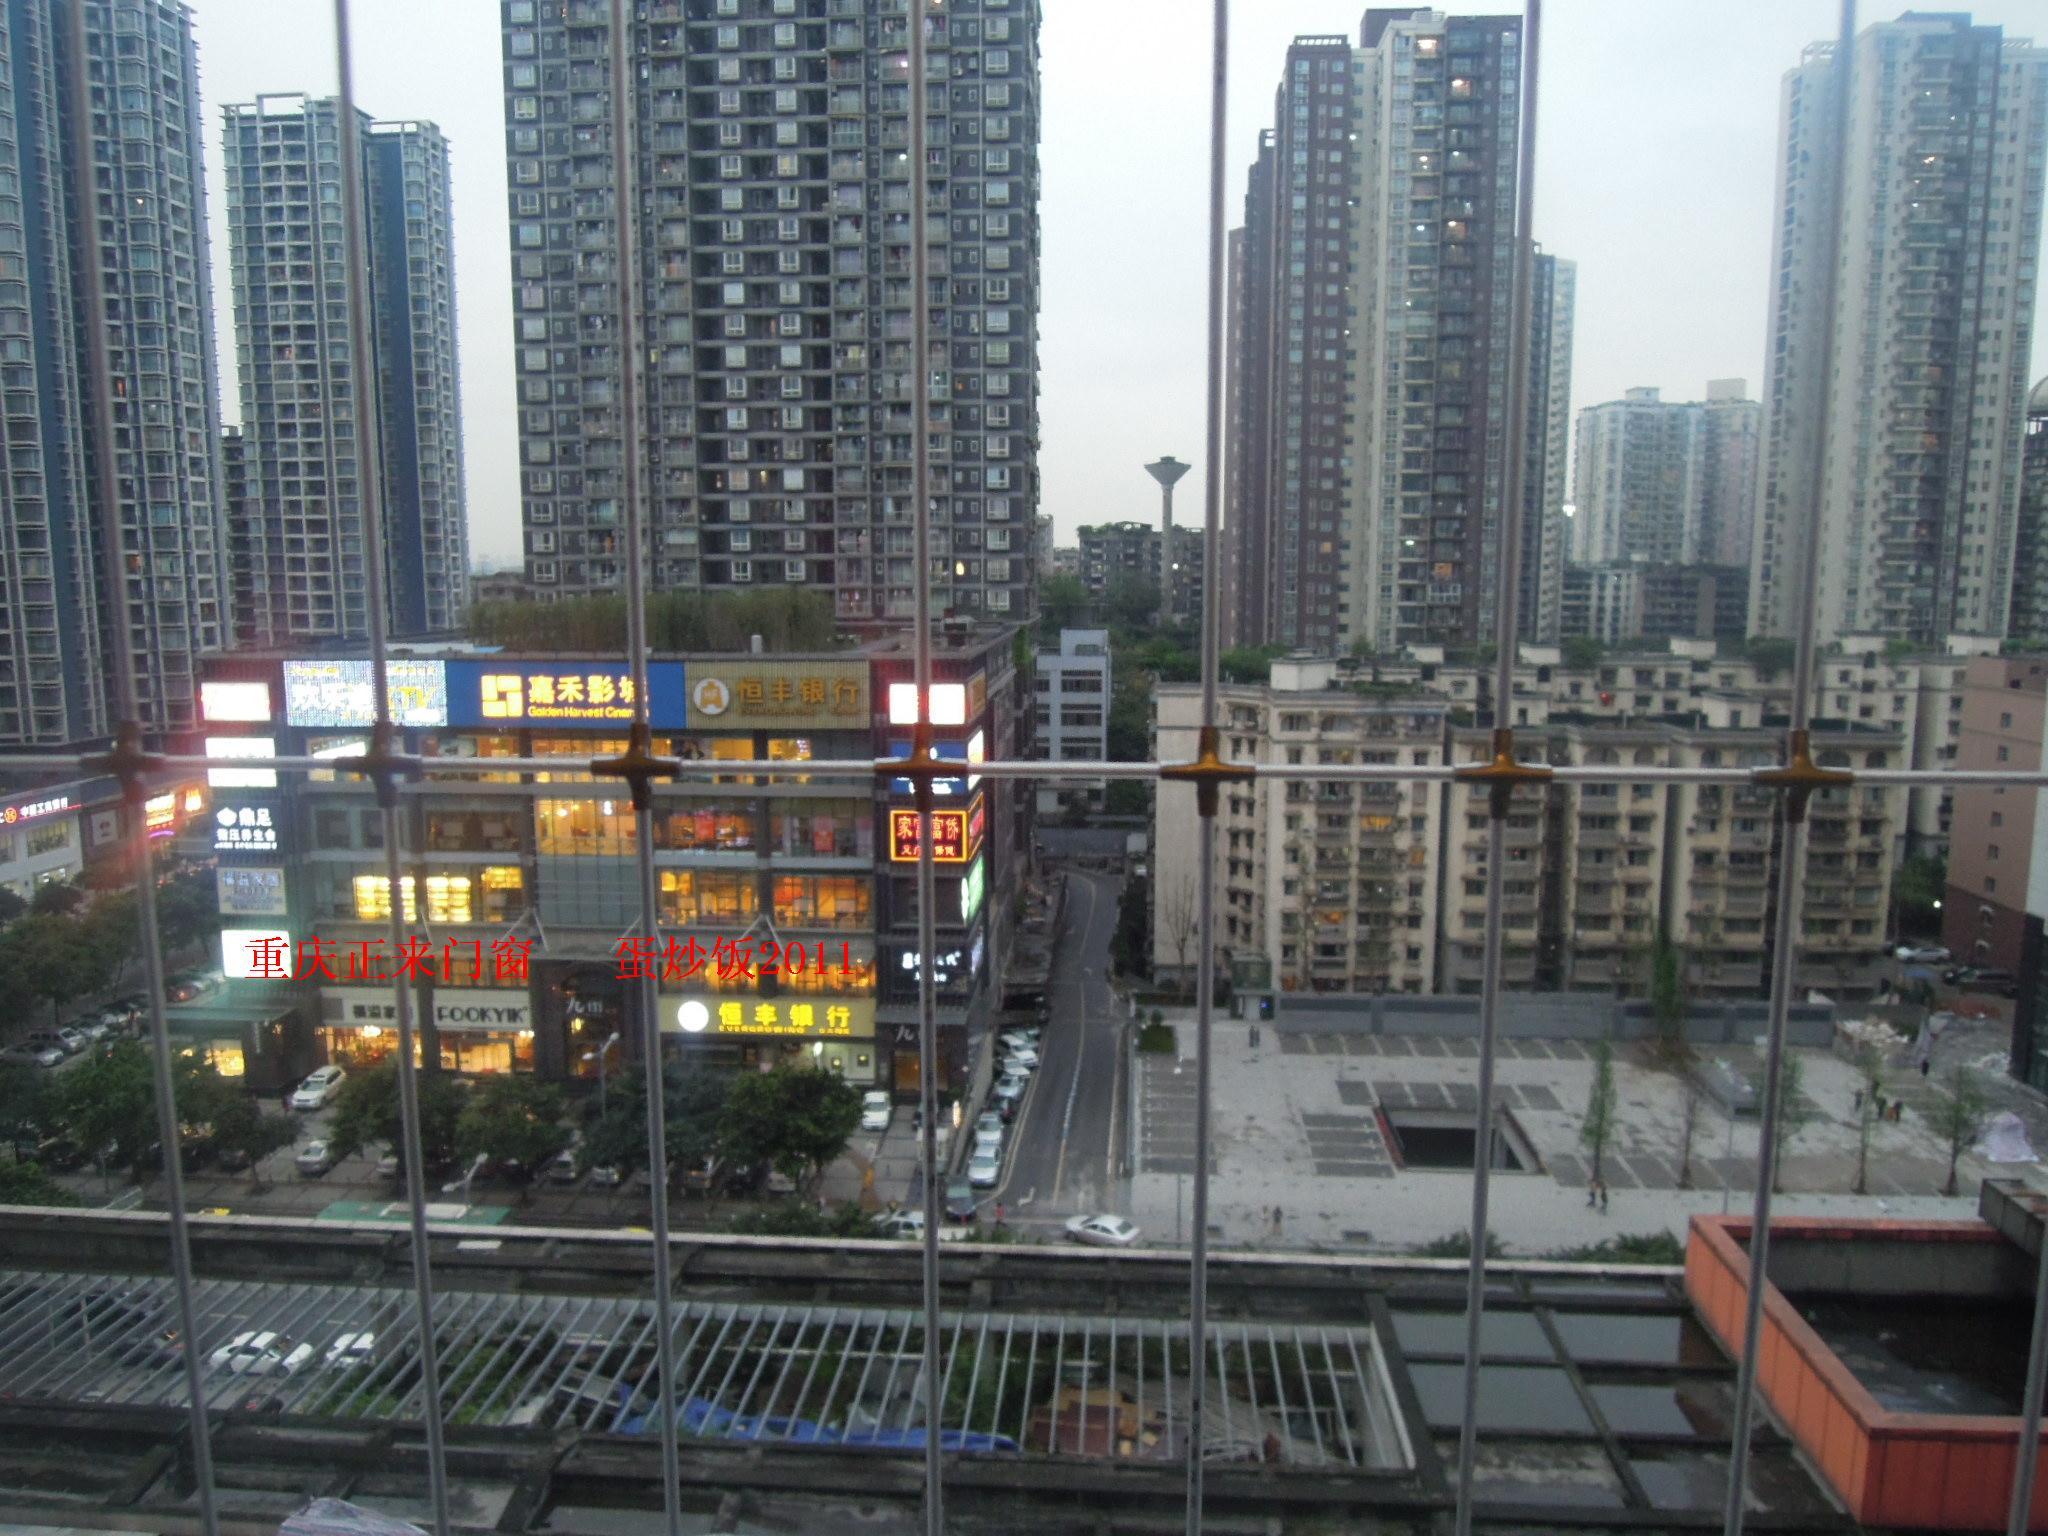 重庆防护网儿童隐形防护栏拆卸防护窗阳台防坠网防盗纱门玻璃窗